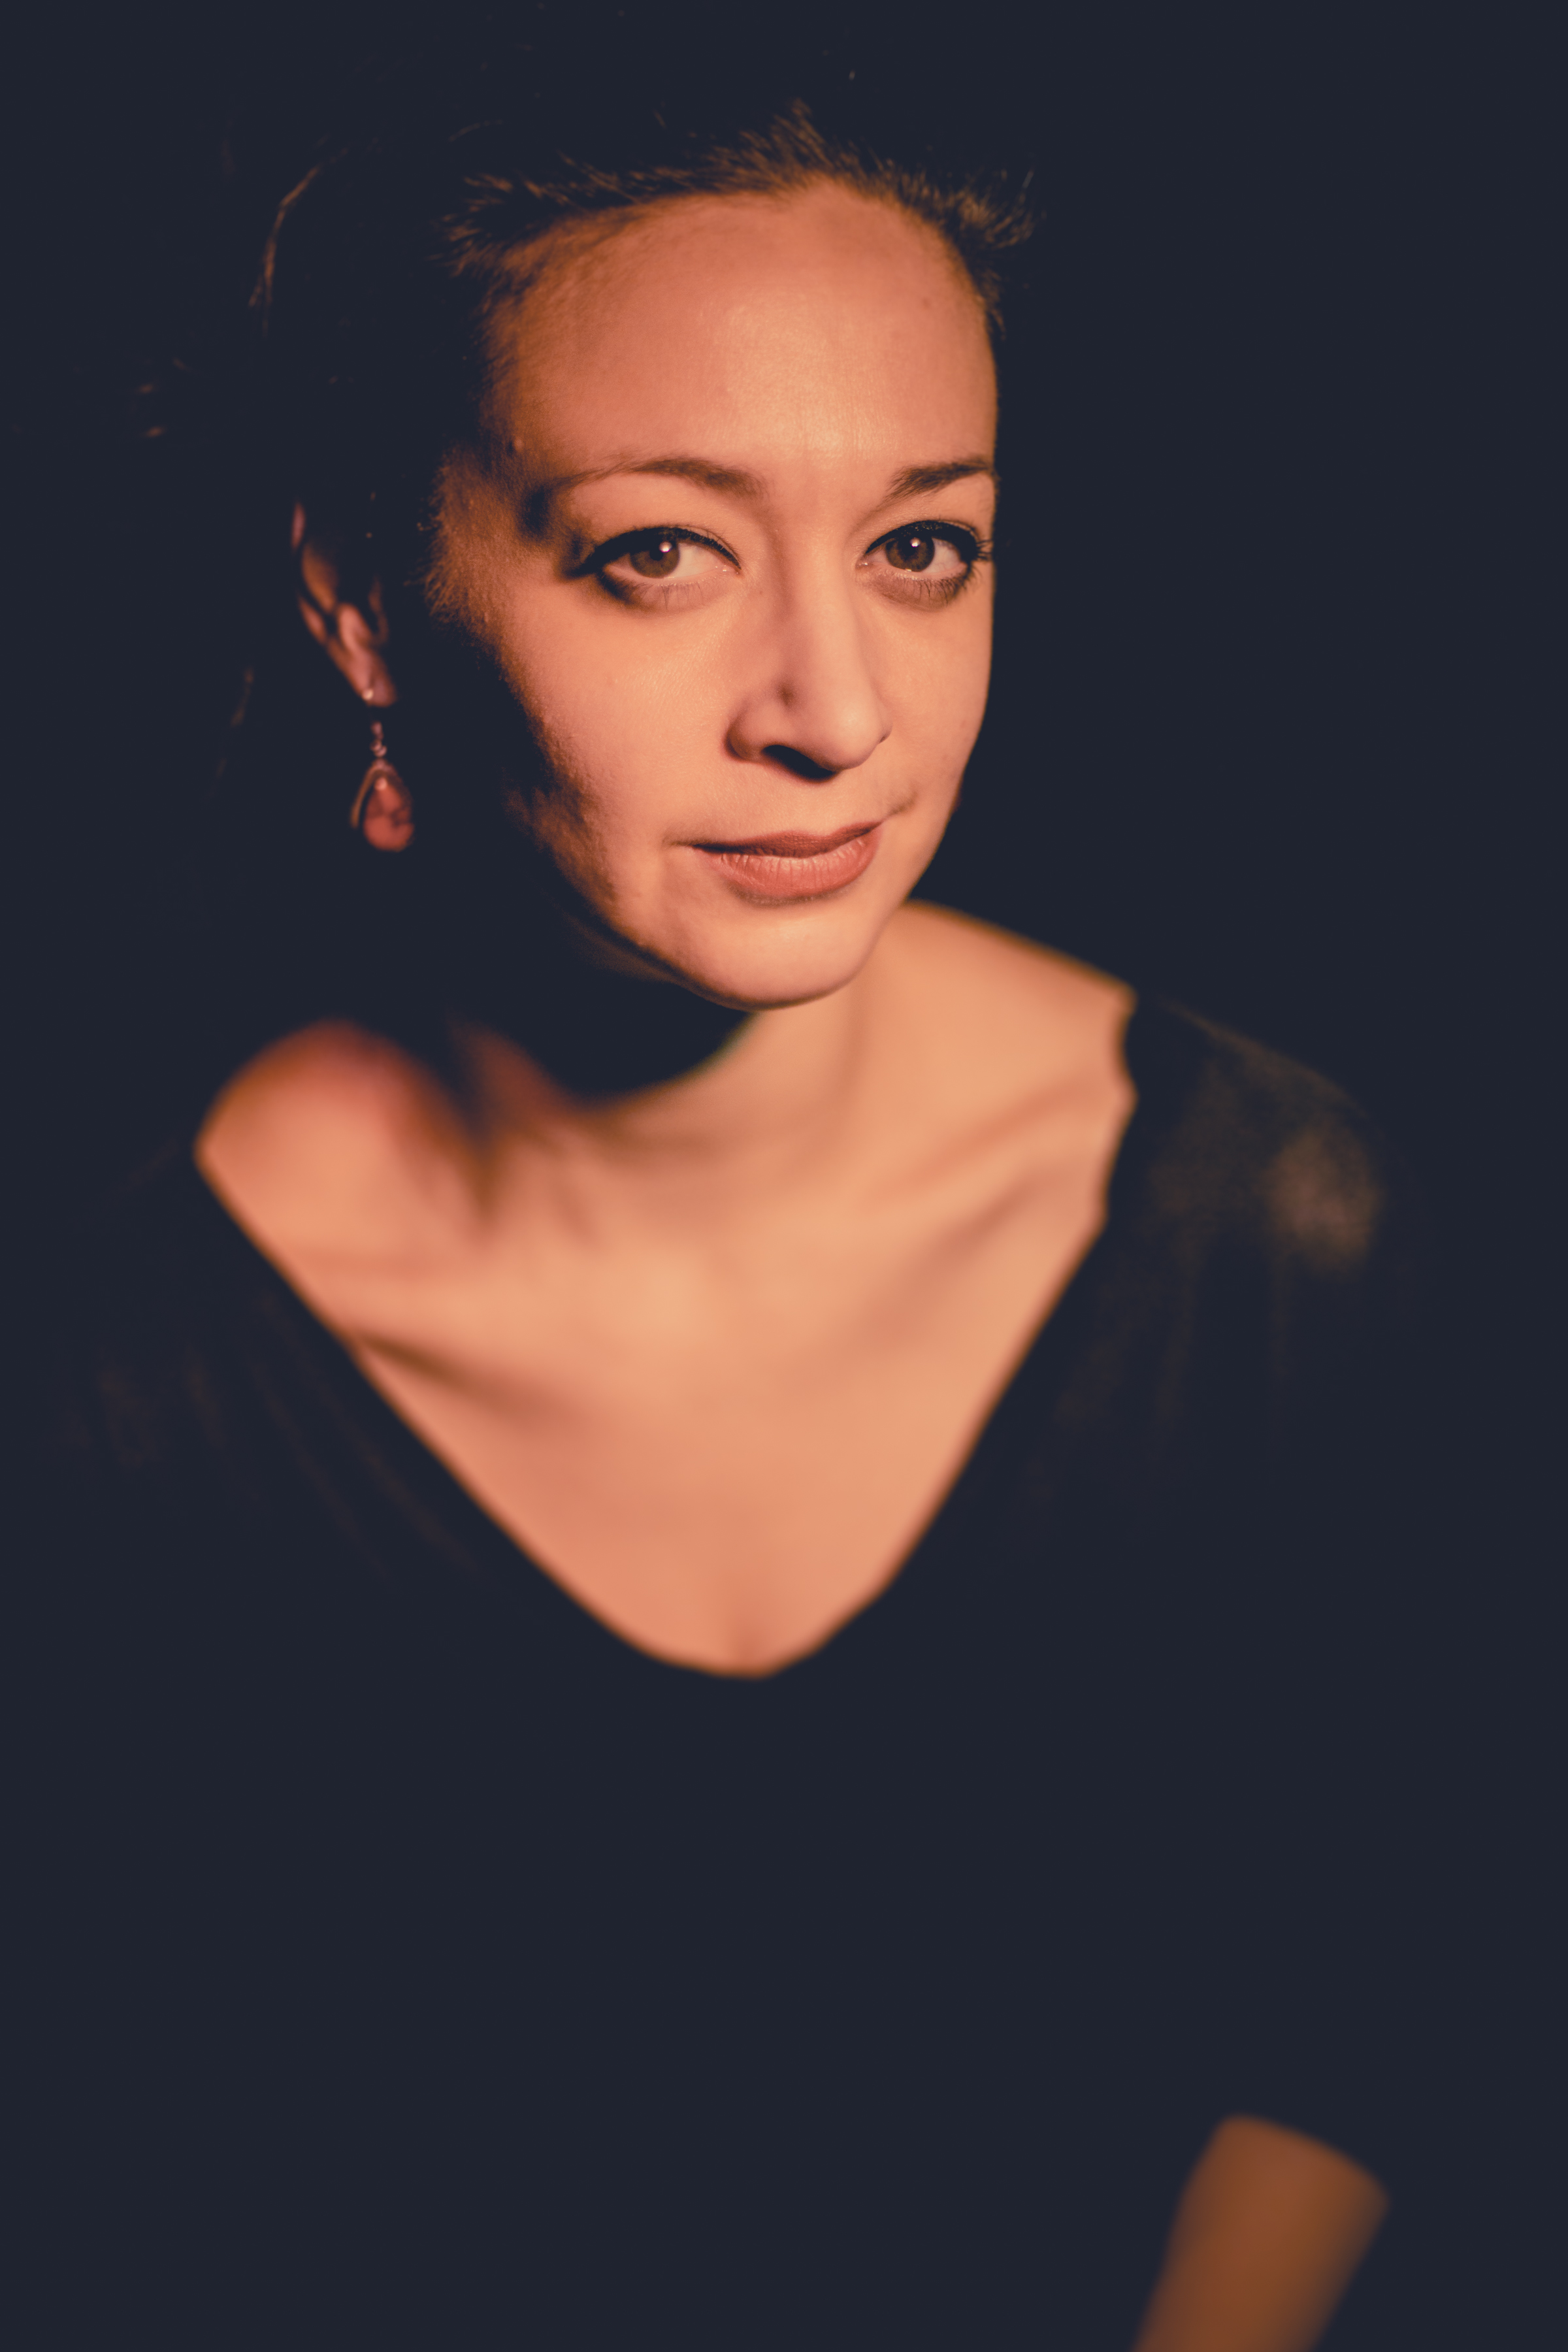 Andréane Leclerc, crédit photo Valérie Sangin